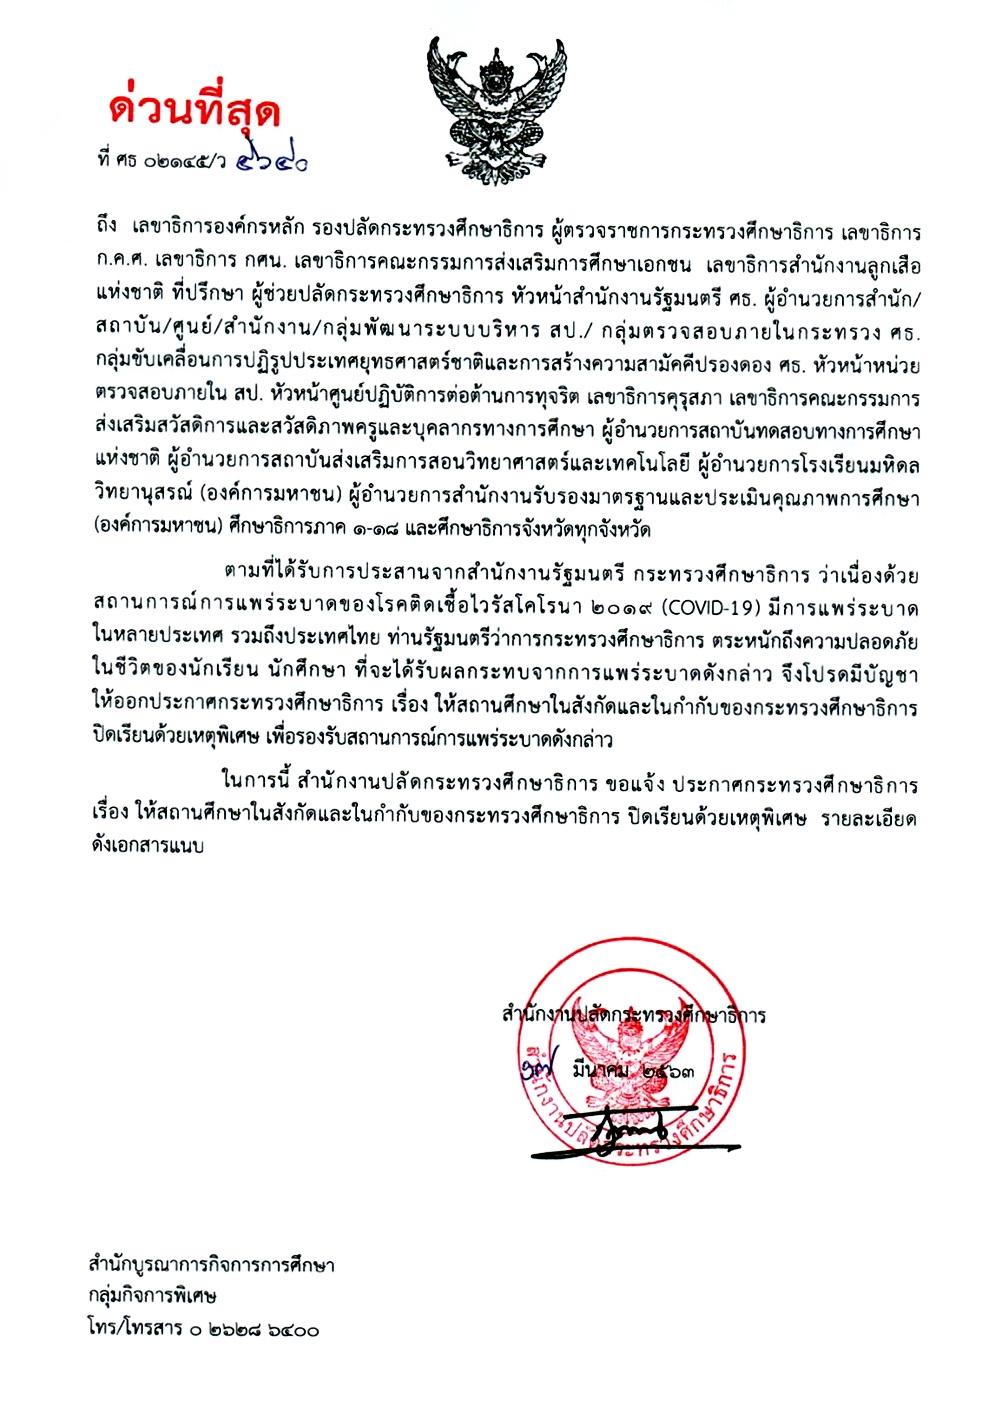 หนังสือ! ฉบับลงนาม รมว.ศธ. สั่งปิดโรงเรียนทั่วประเทศ ตั้งแต่วันพรุ่งนี้(18มี.ค.)เป็นต้นไป 1584444584